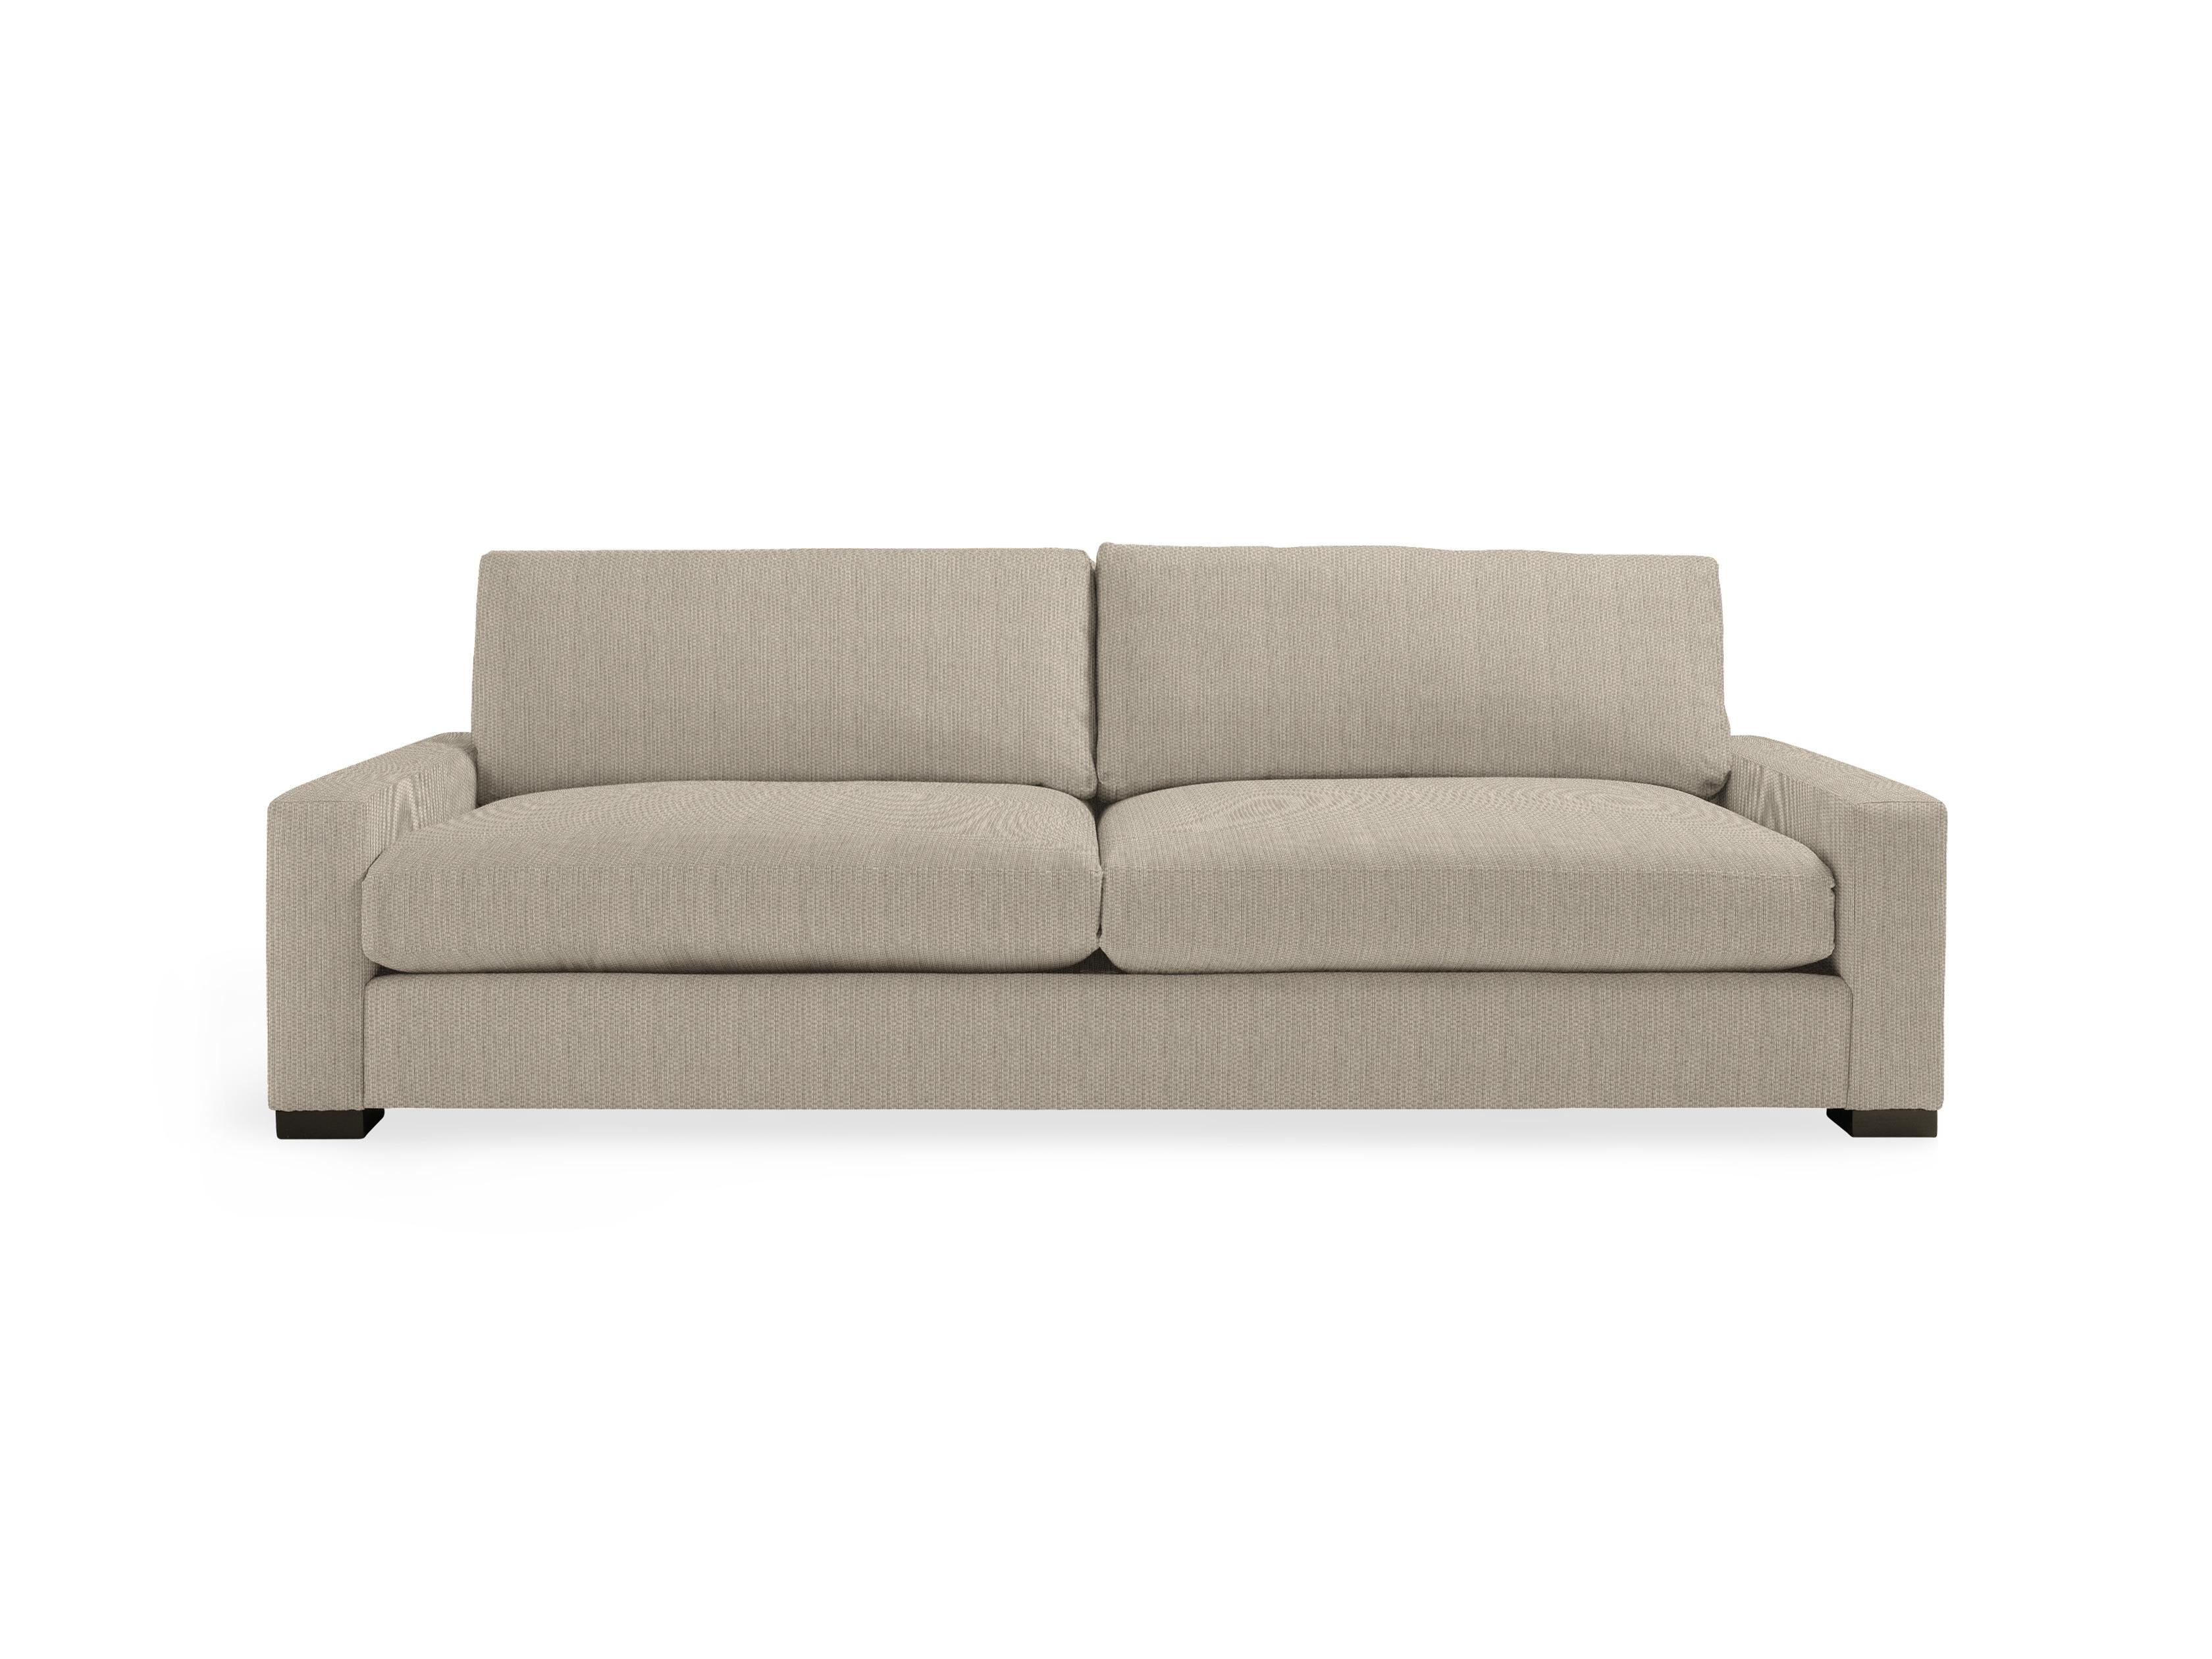 Merveilleux Sofas U0026 Couches | Leather Sofas | Loveseats | Arhaus